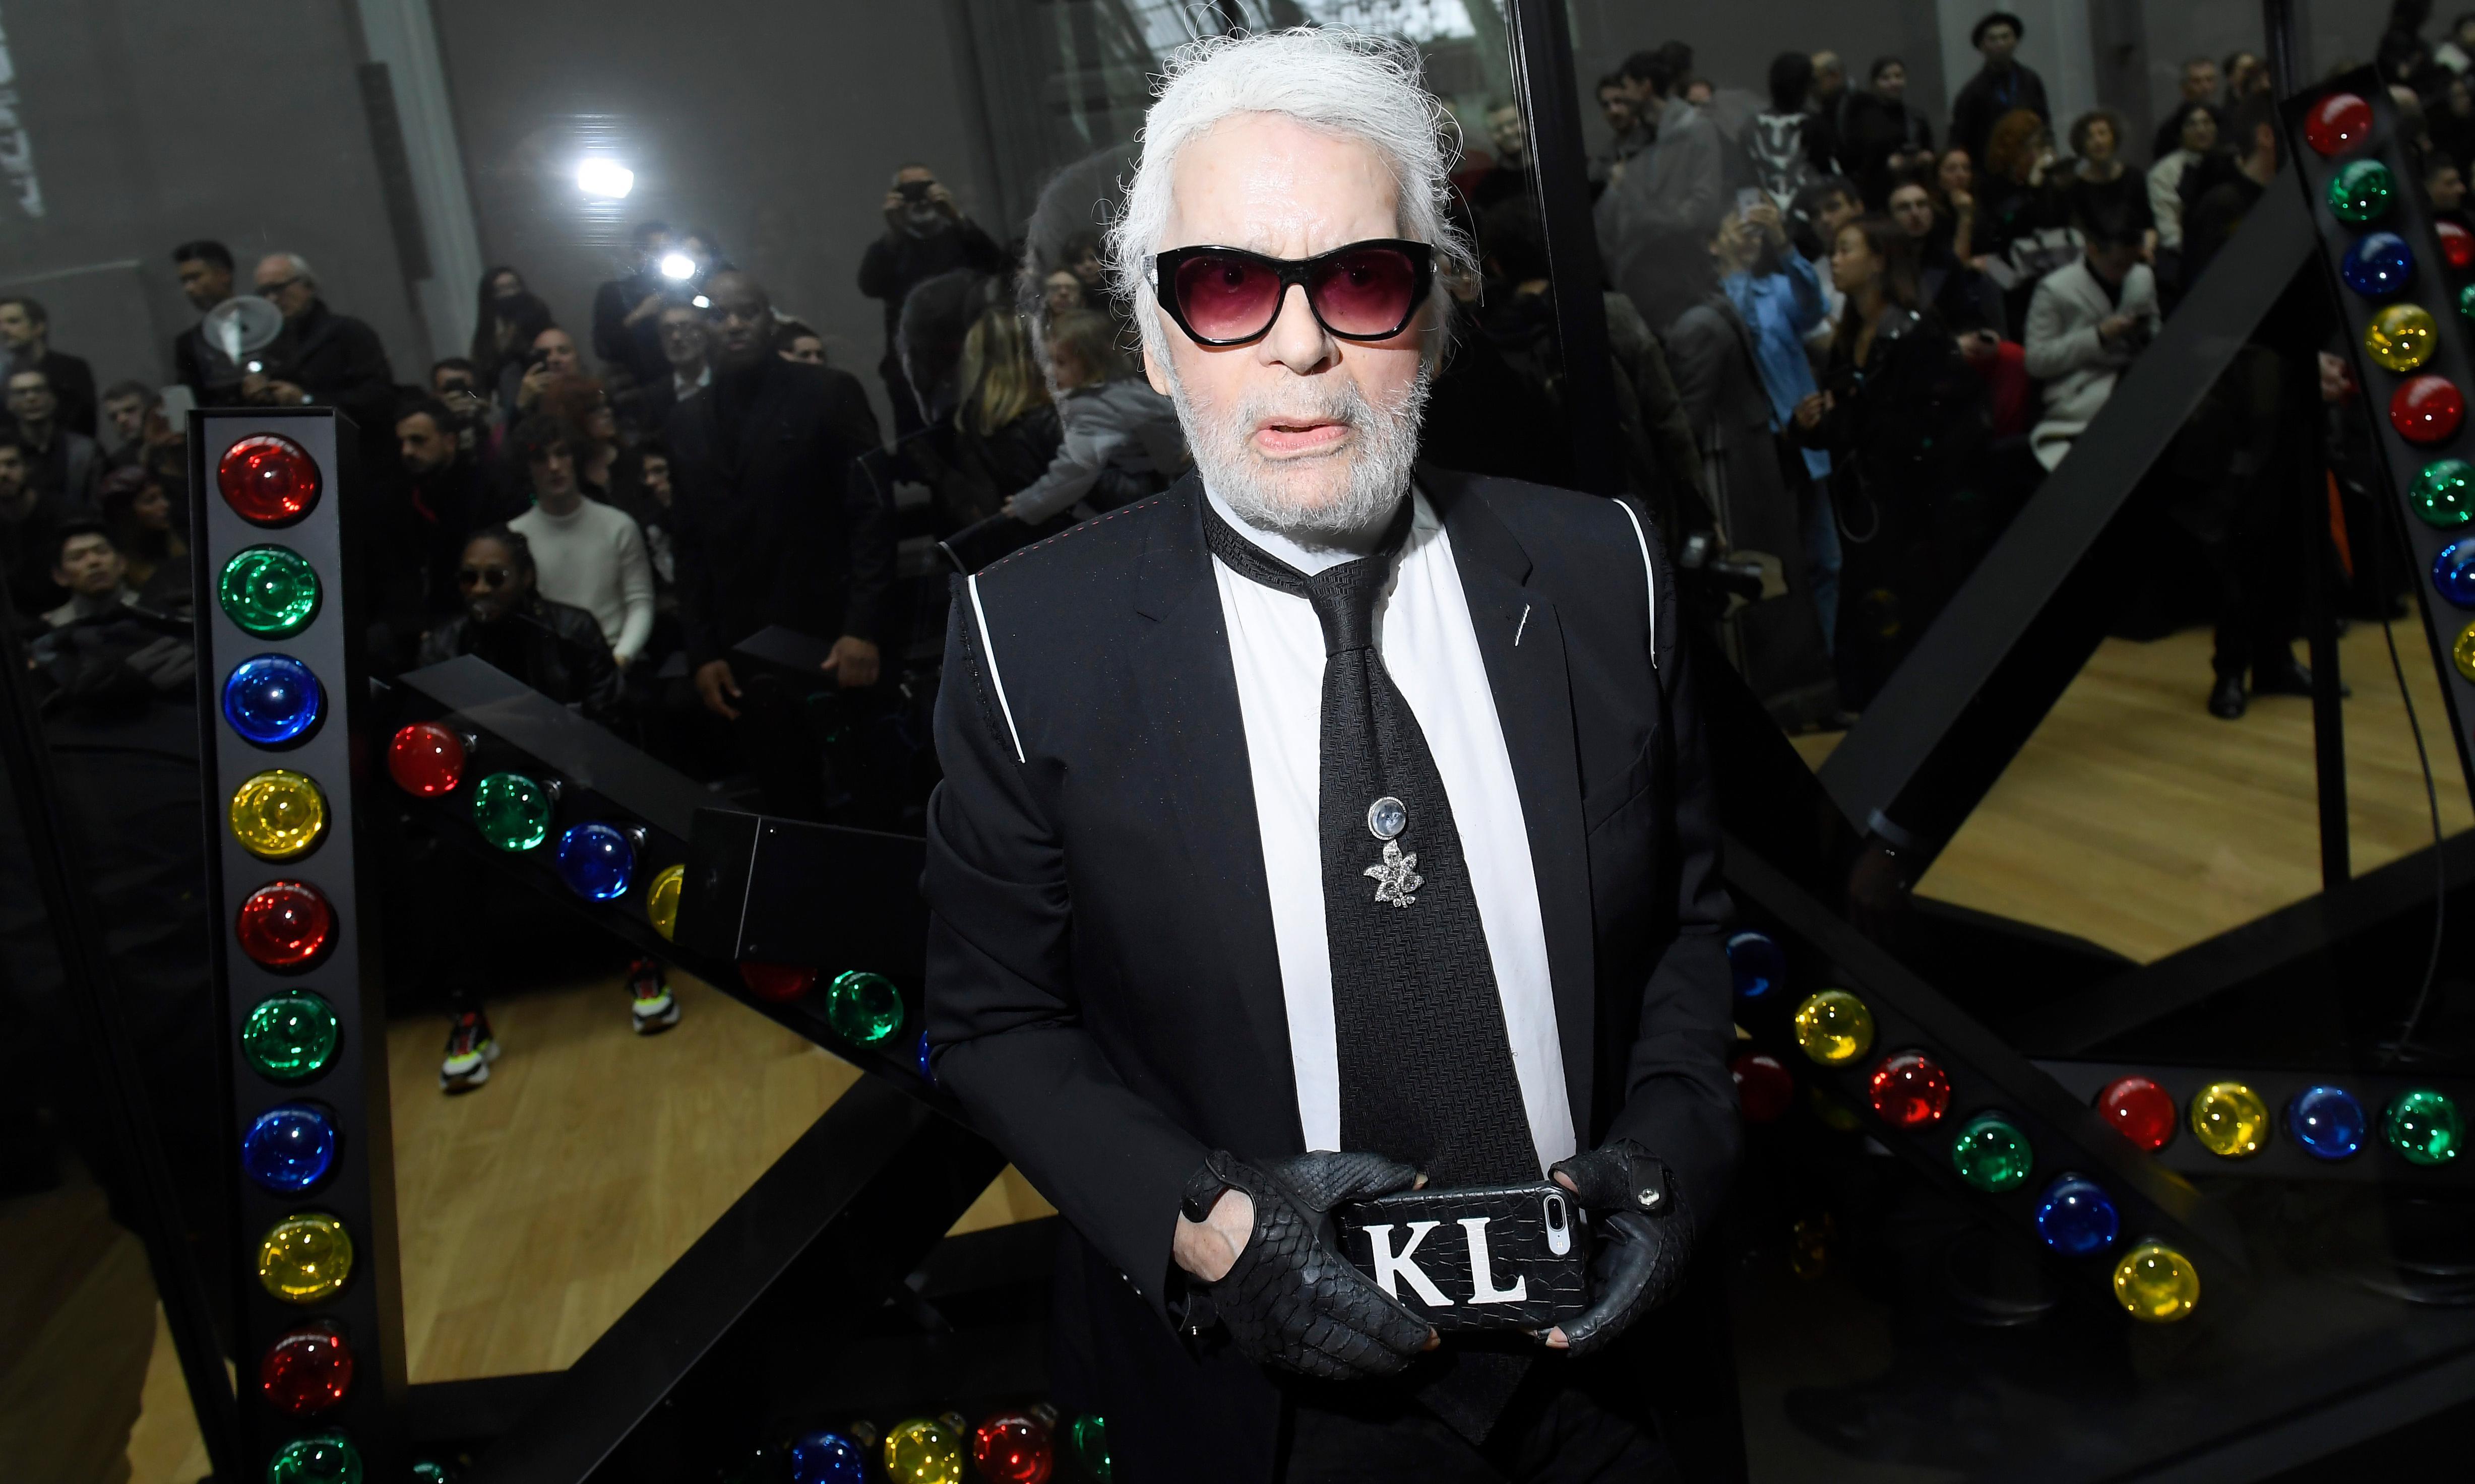 Karl Lagerfeld, Chanel fashion designer, dies aged 85